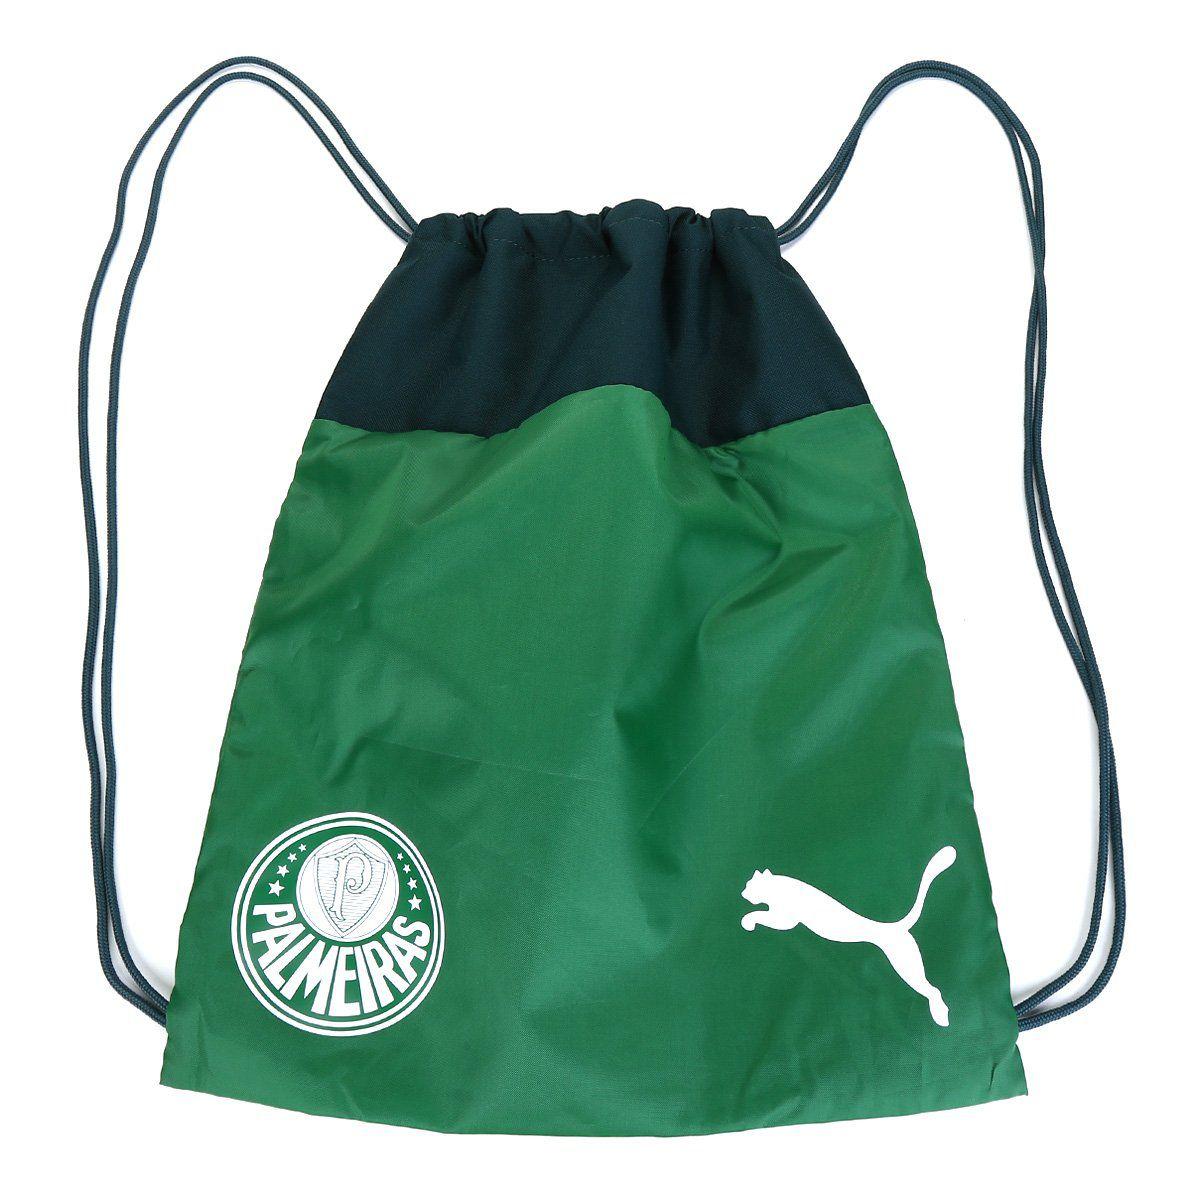 Sacola Mochila Palmeiras Puma Gym Sack